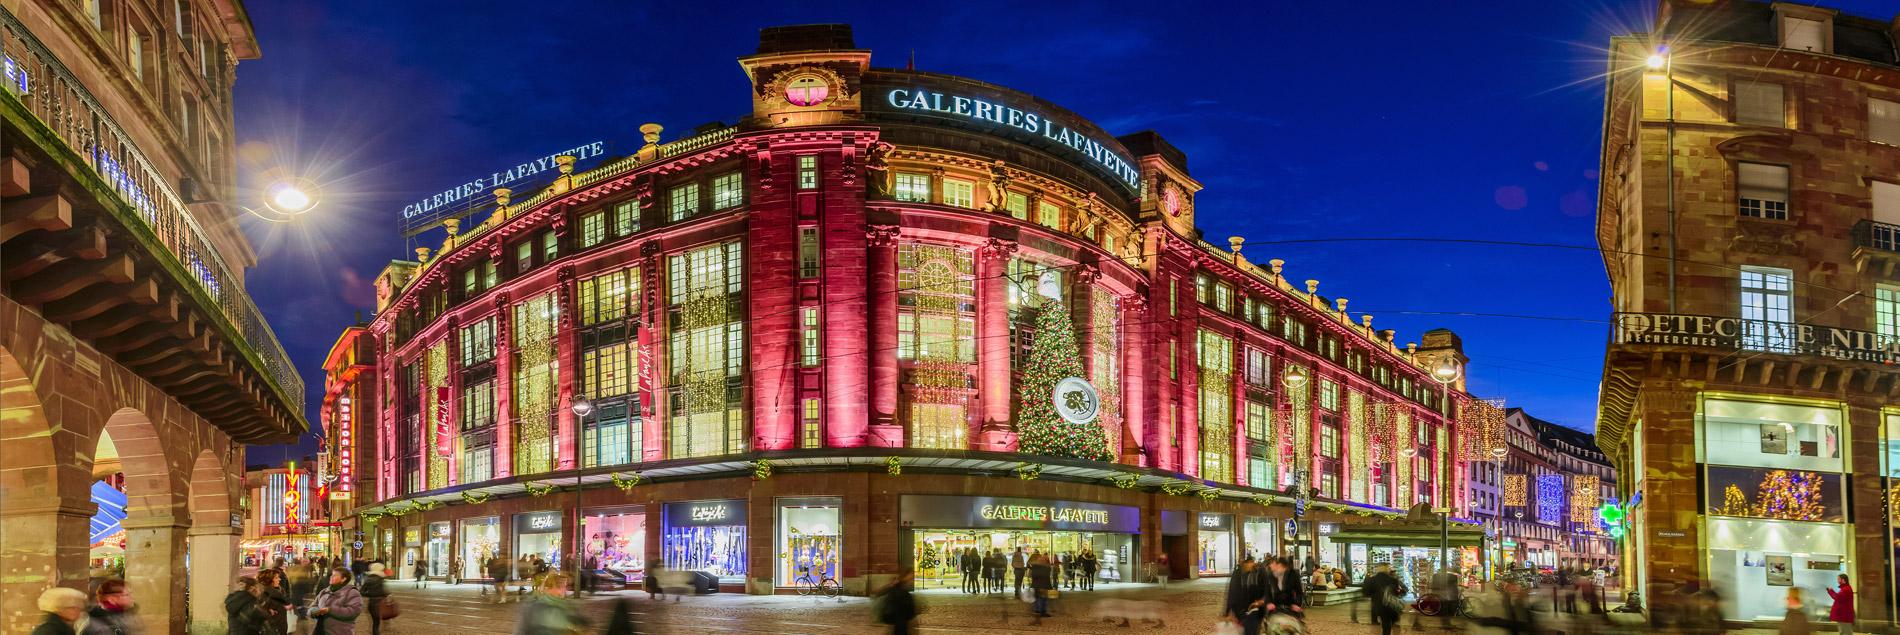 Strasbourg Galeries Lafayette